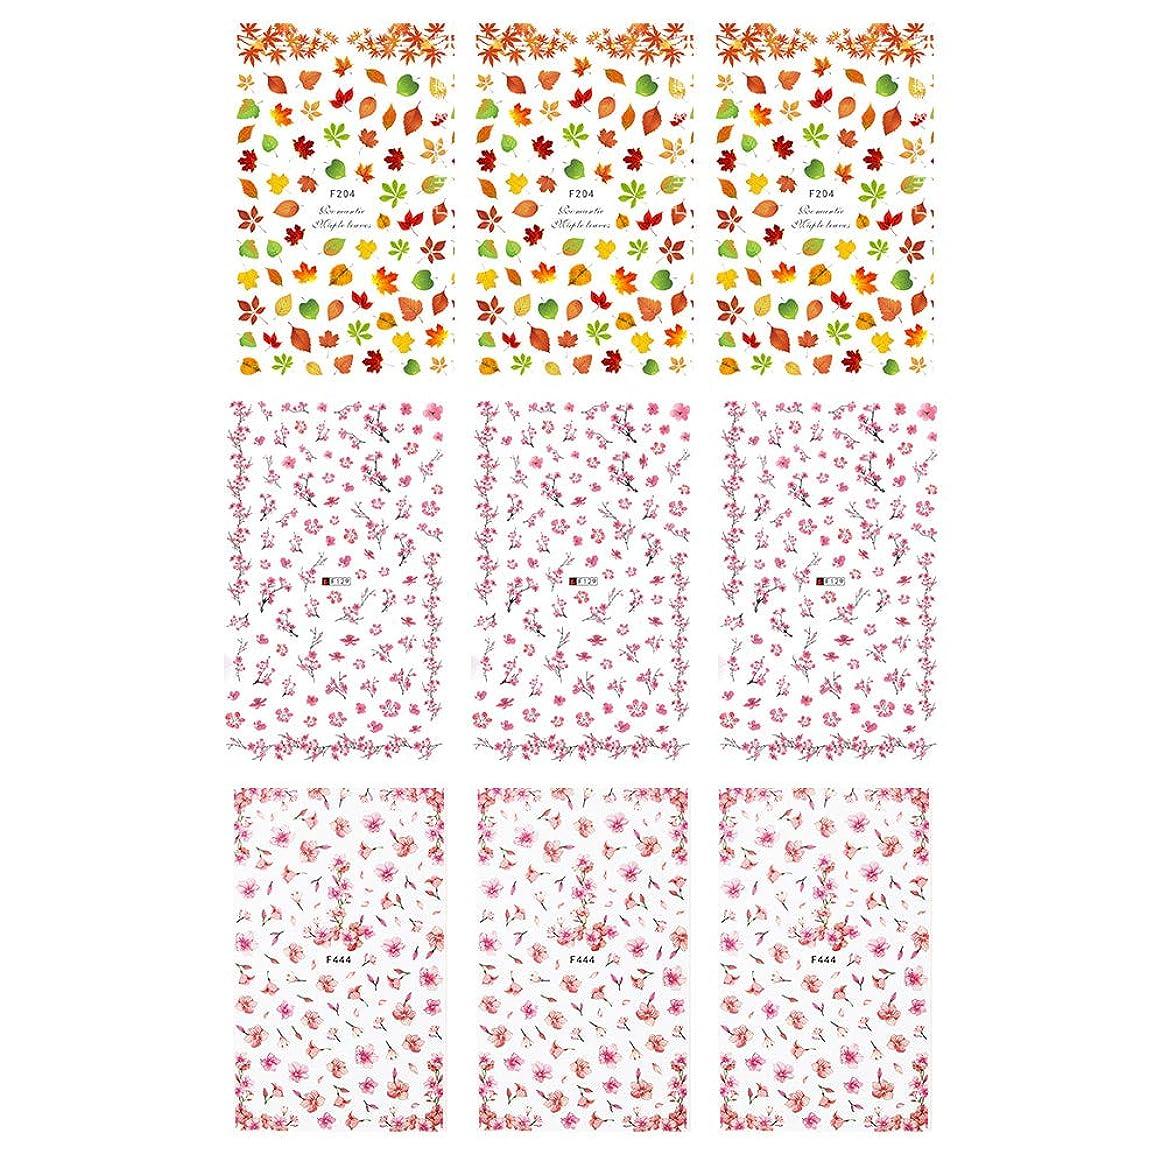 慢なも水陸両用Frcolor ネイルシール 花 3D ネイルステッカー 水彩風 ネイルホイル ももの花 桜 ネイルアートシール 爪に貼るだけ マニキュア 3種類 9枚セット